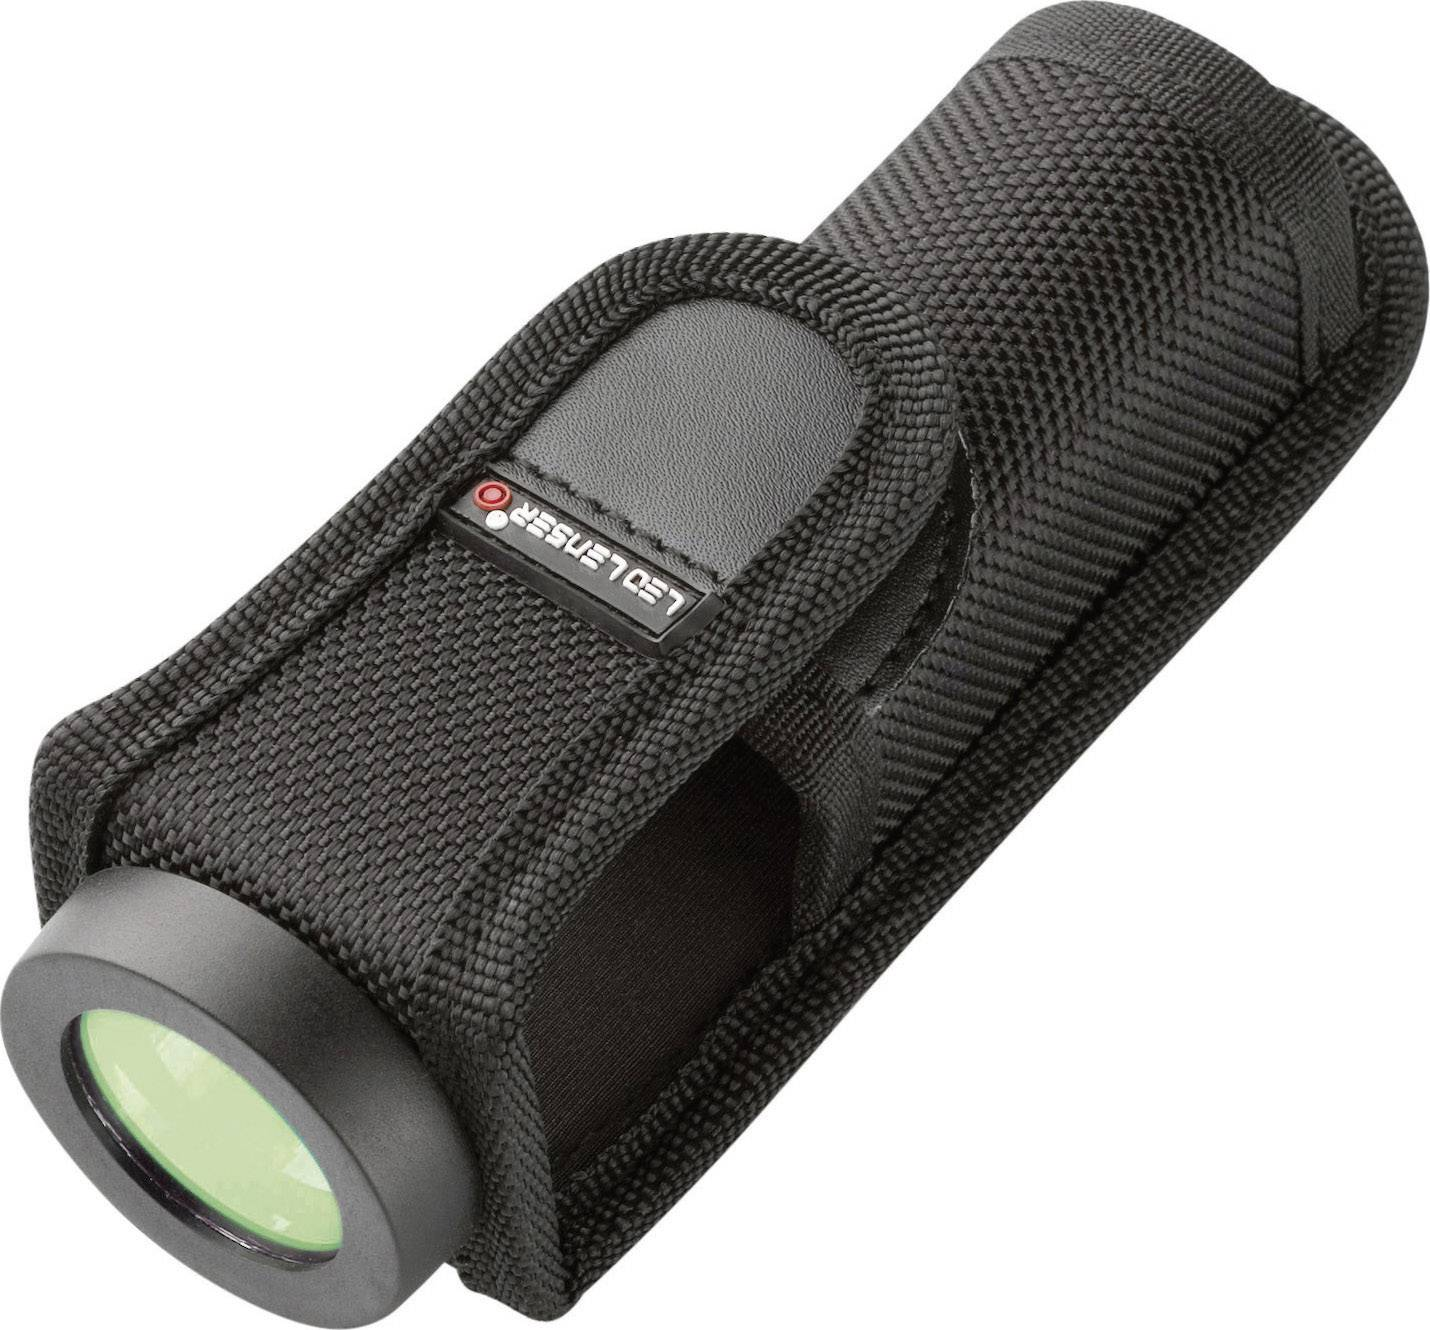 Puzdro LED Lenser pre P7, T7 + farebné filtre